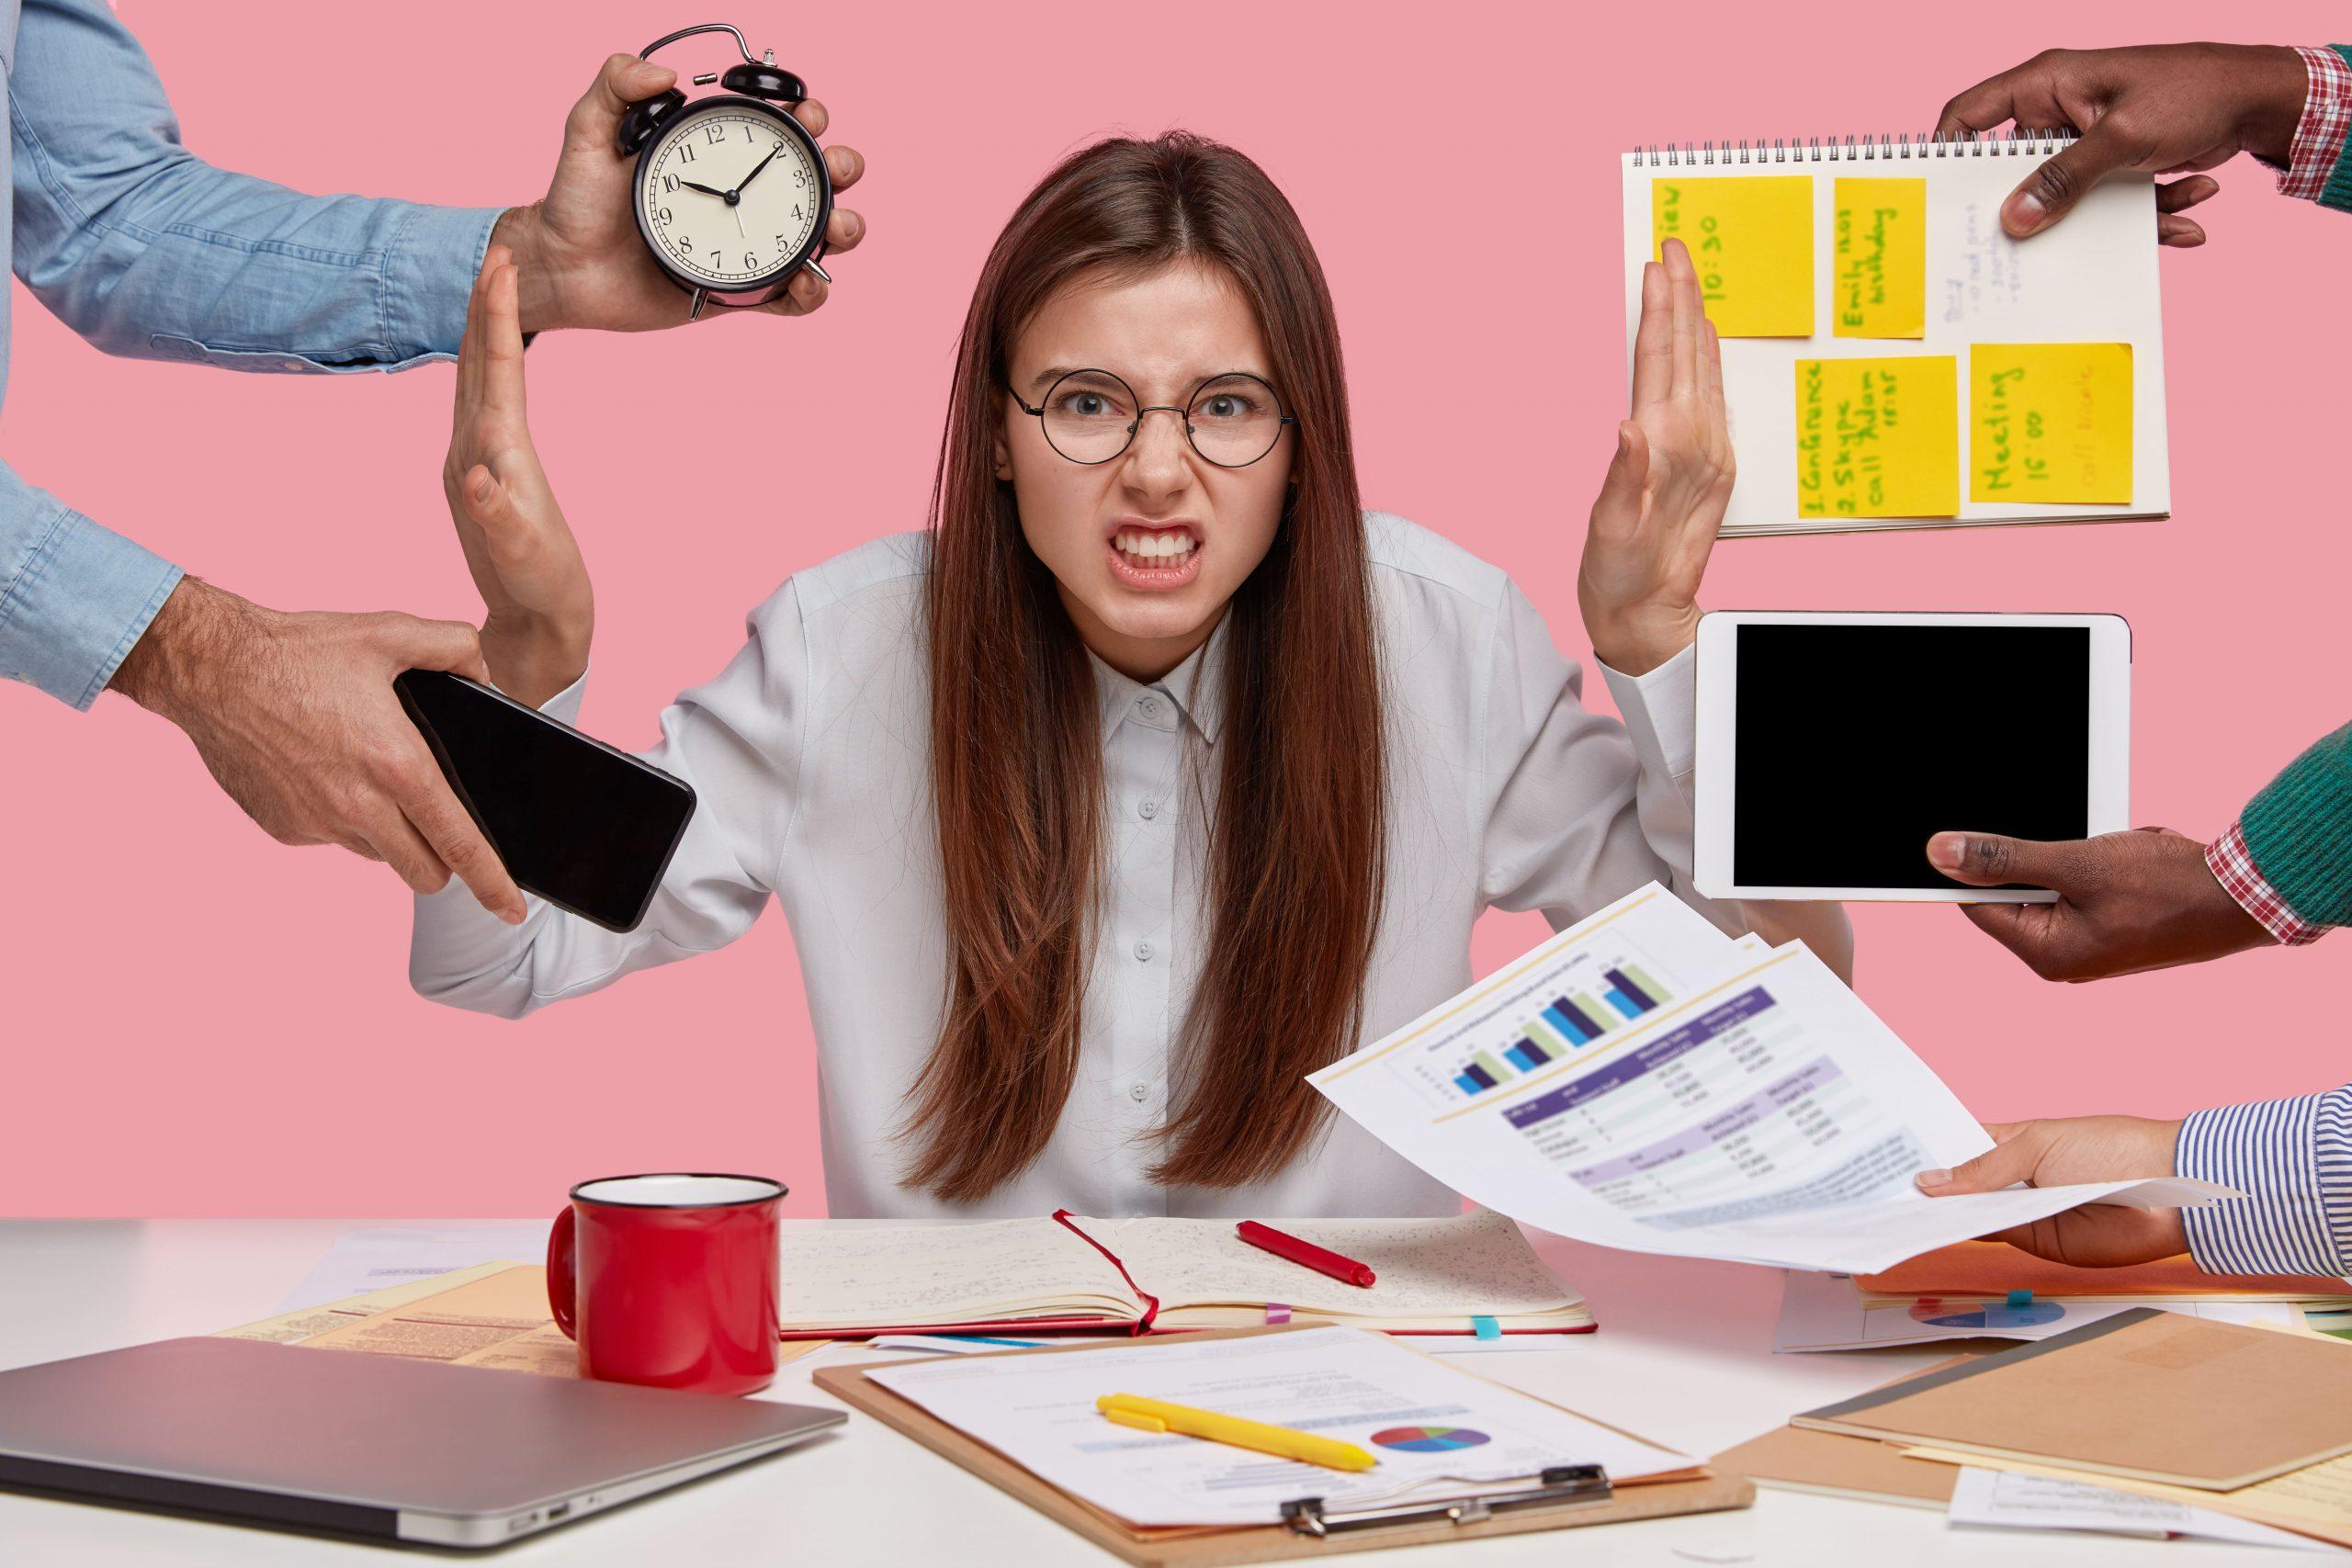 آموزش کارآفرینی،کارافرینان،استرس